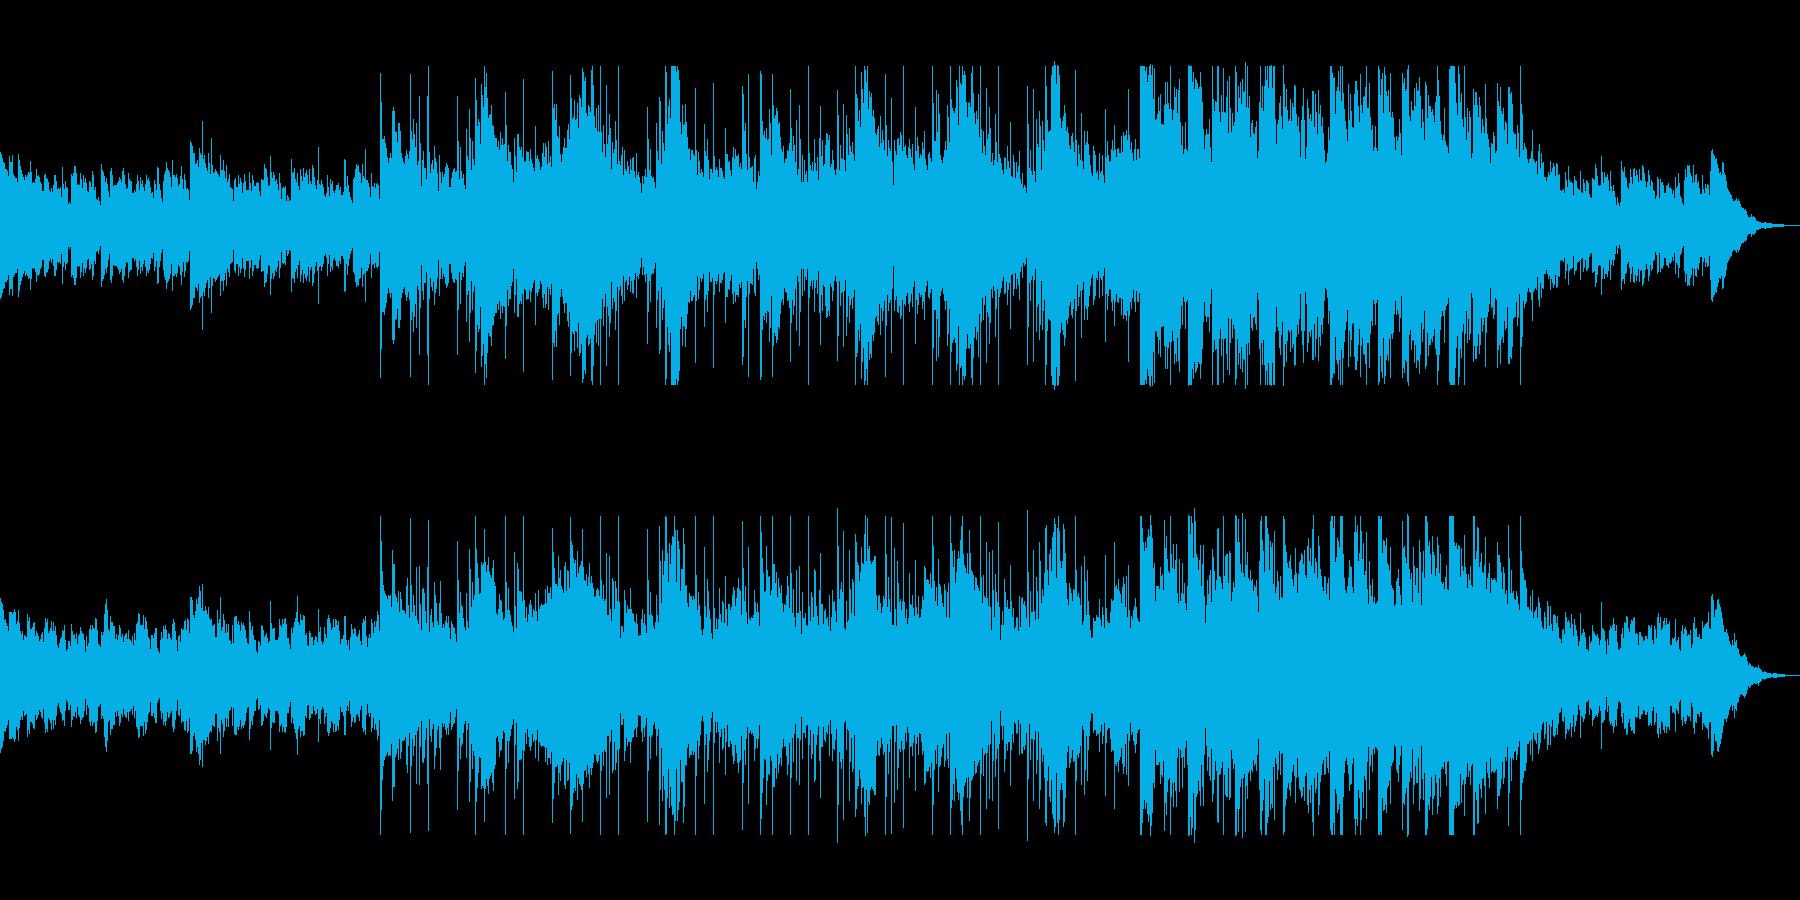 落ち着きのある綺麗なシンセサイザー曲の再生済みの波形